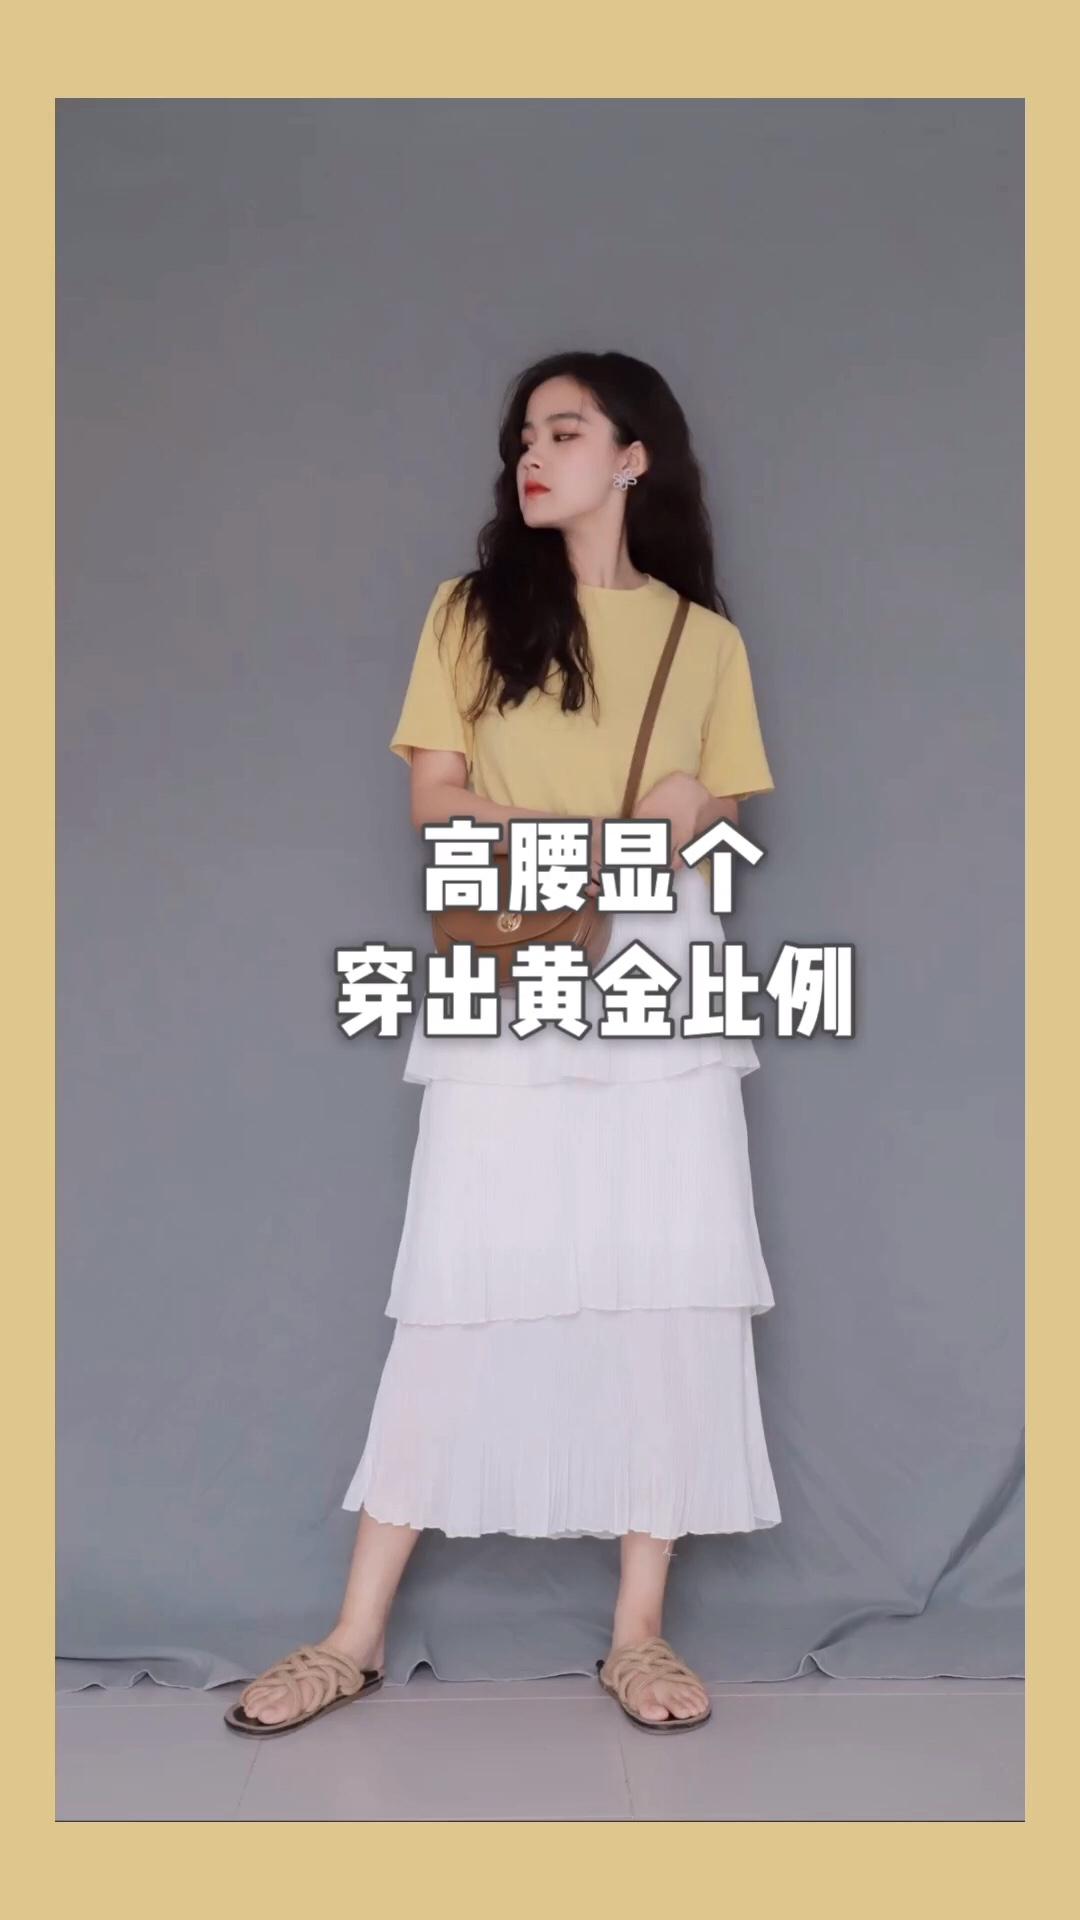 圆领鹅黄色短袖T恤搭配白色蛋糕半身裙 斜挎棕色鞍马包 整套搭配甜美又简约#开学典礼,这件秒杀全场!#